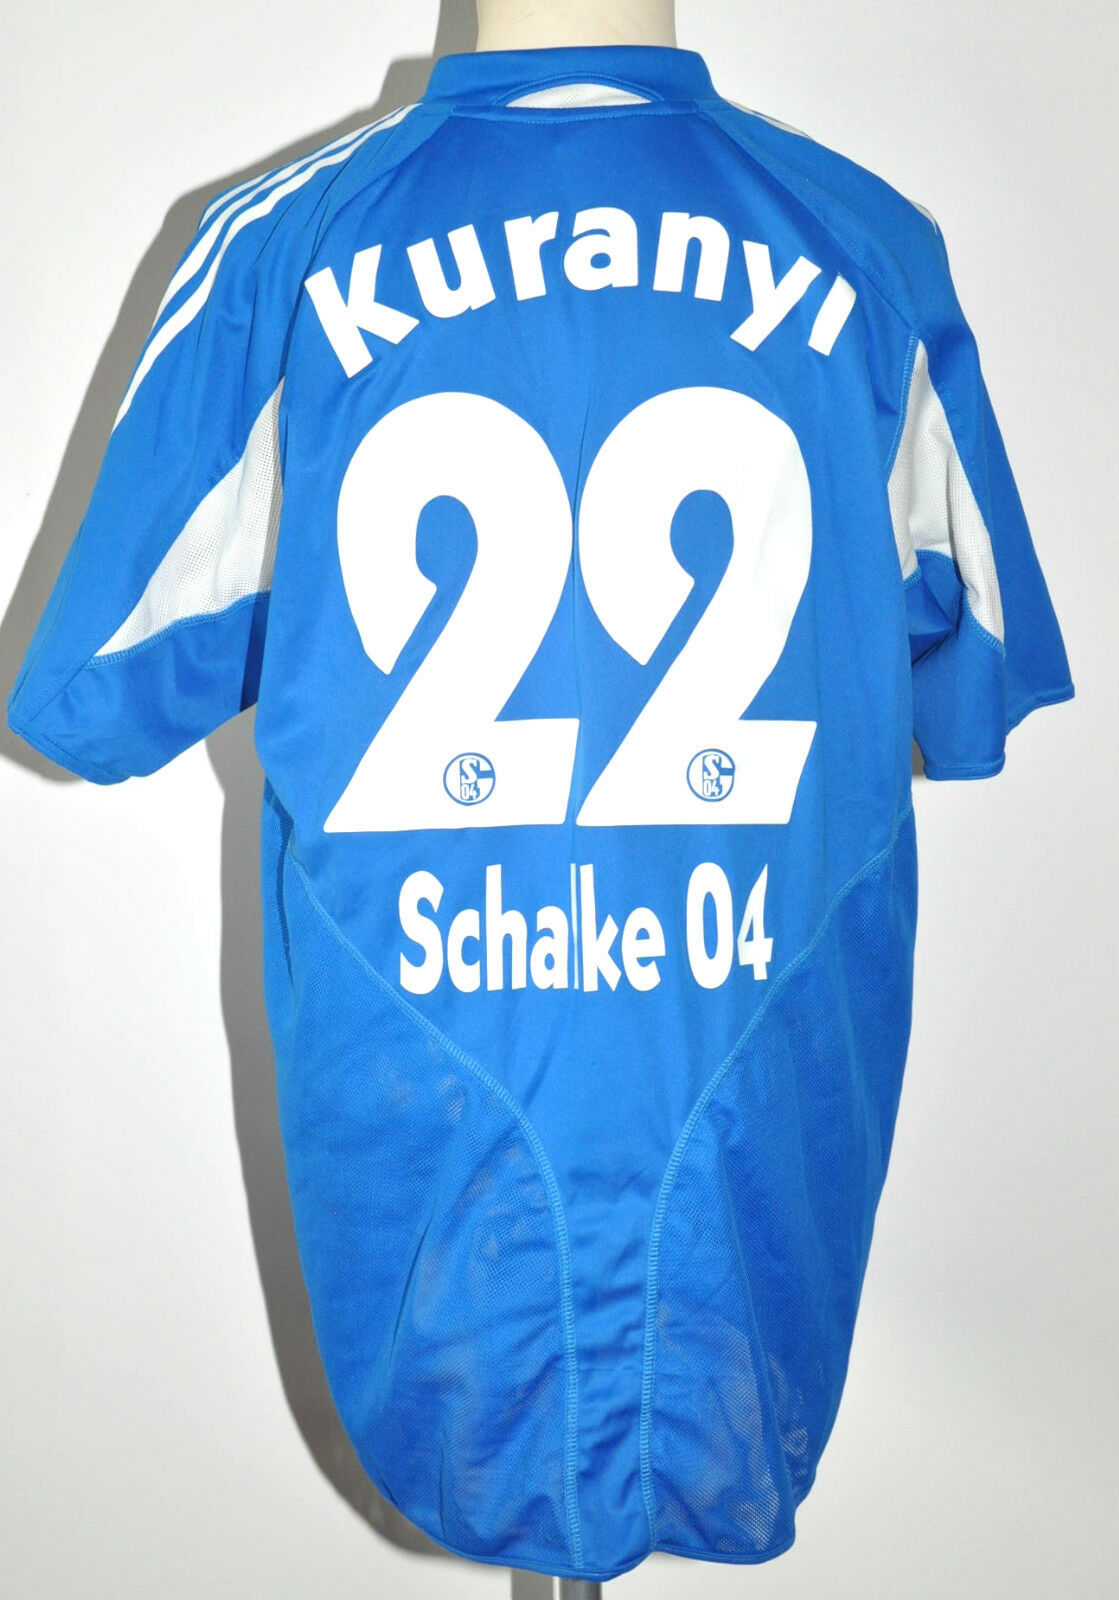 2004-05 S04 Schalke 04 Trikot  22 Kuranyi Gr.XL Adidas Home RAR blau weiß Jersey